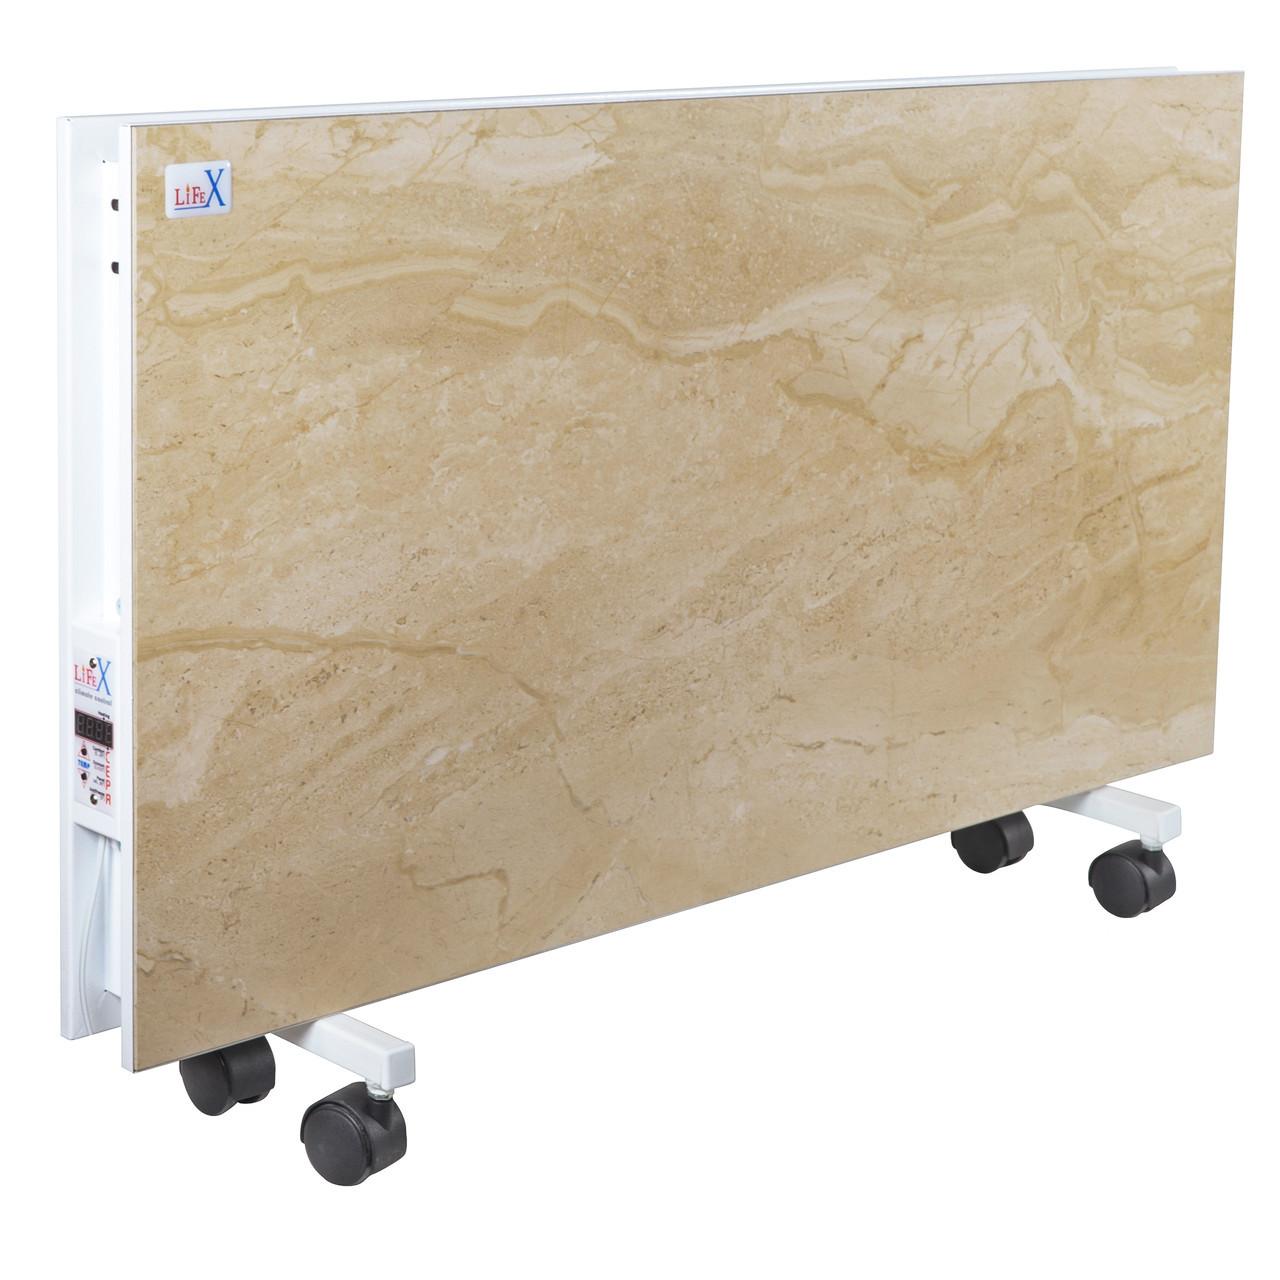 LIFEX Double Floor ПКП1200 - напольный керамический обогреватель